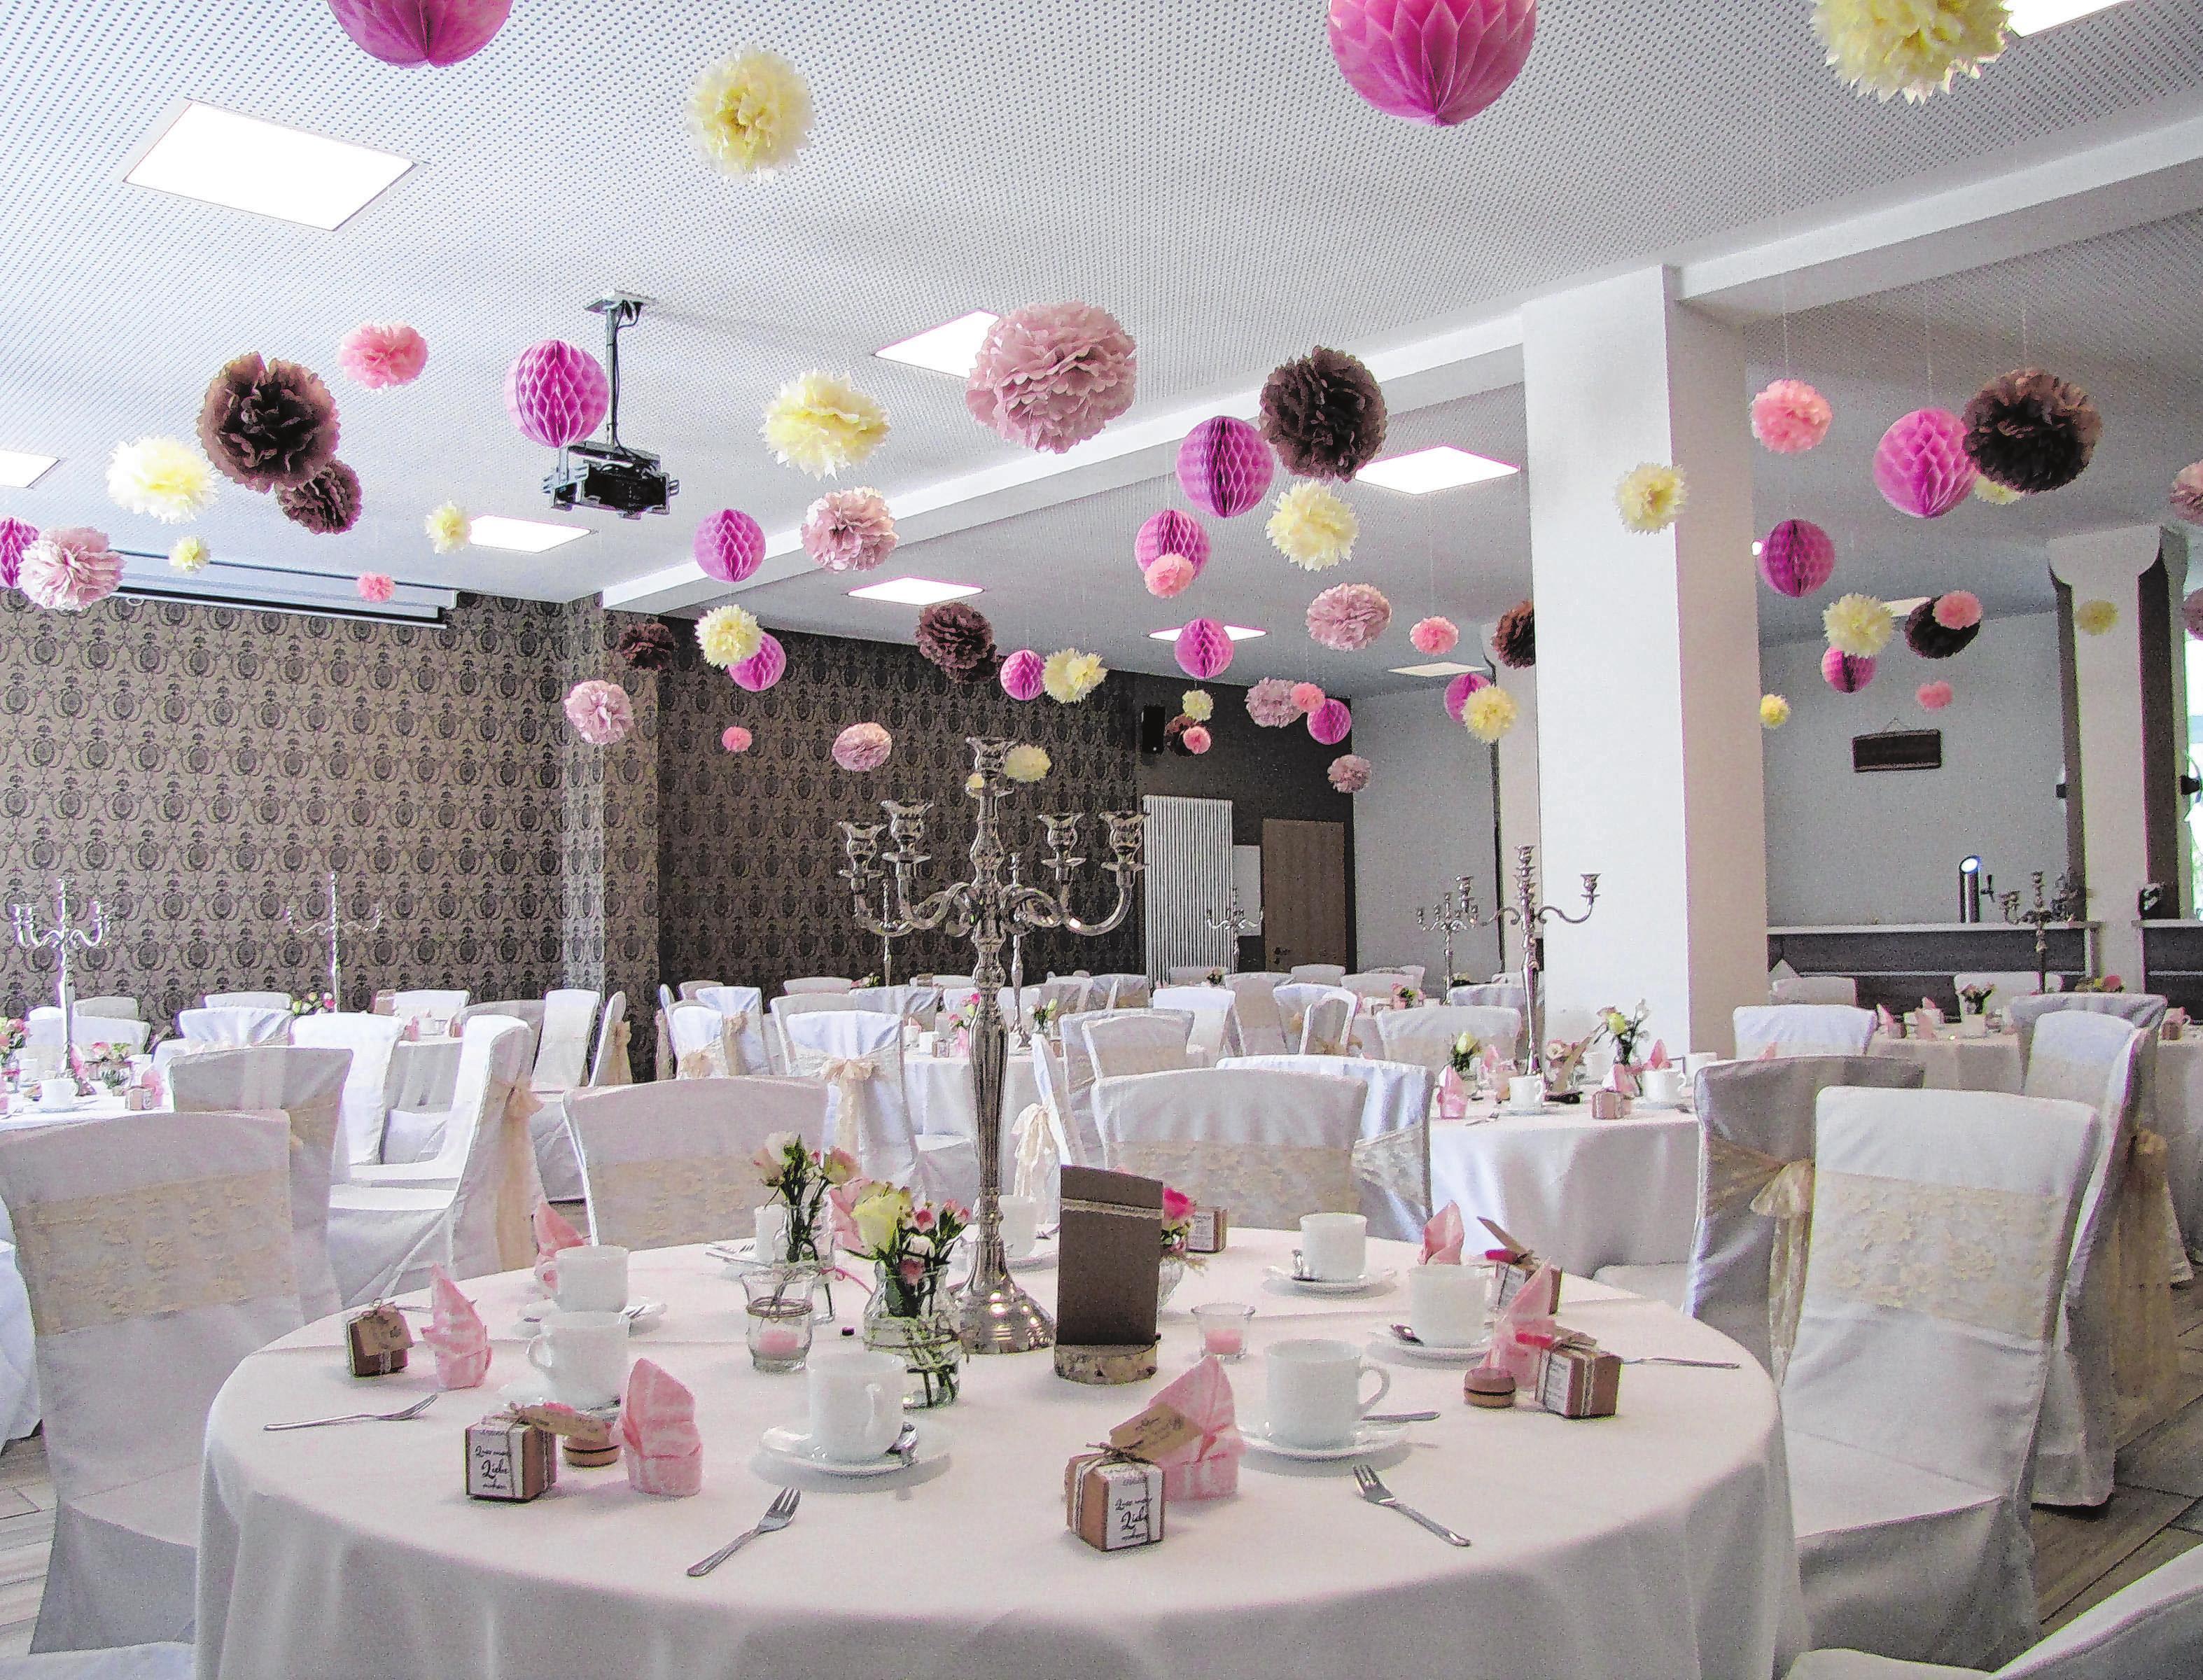 Liebevoll dekoriert: Der Festsaal lädt zu Feierlichkeiten aller Art ein. Foto: privat